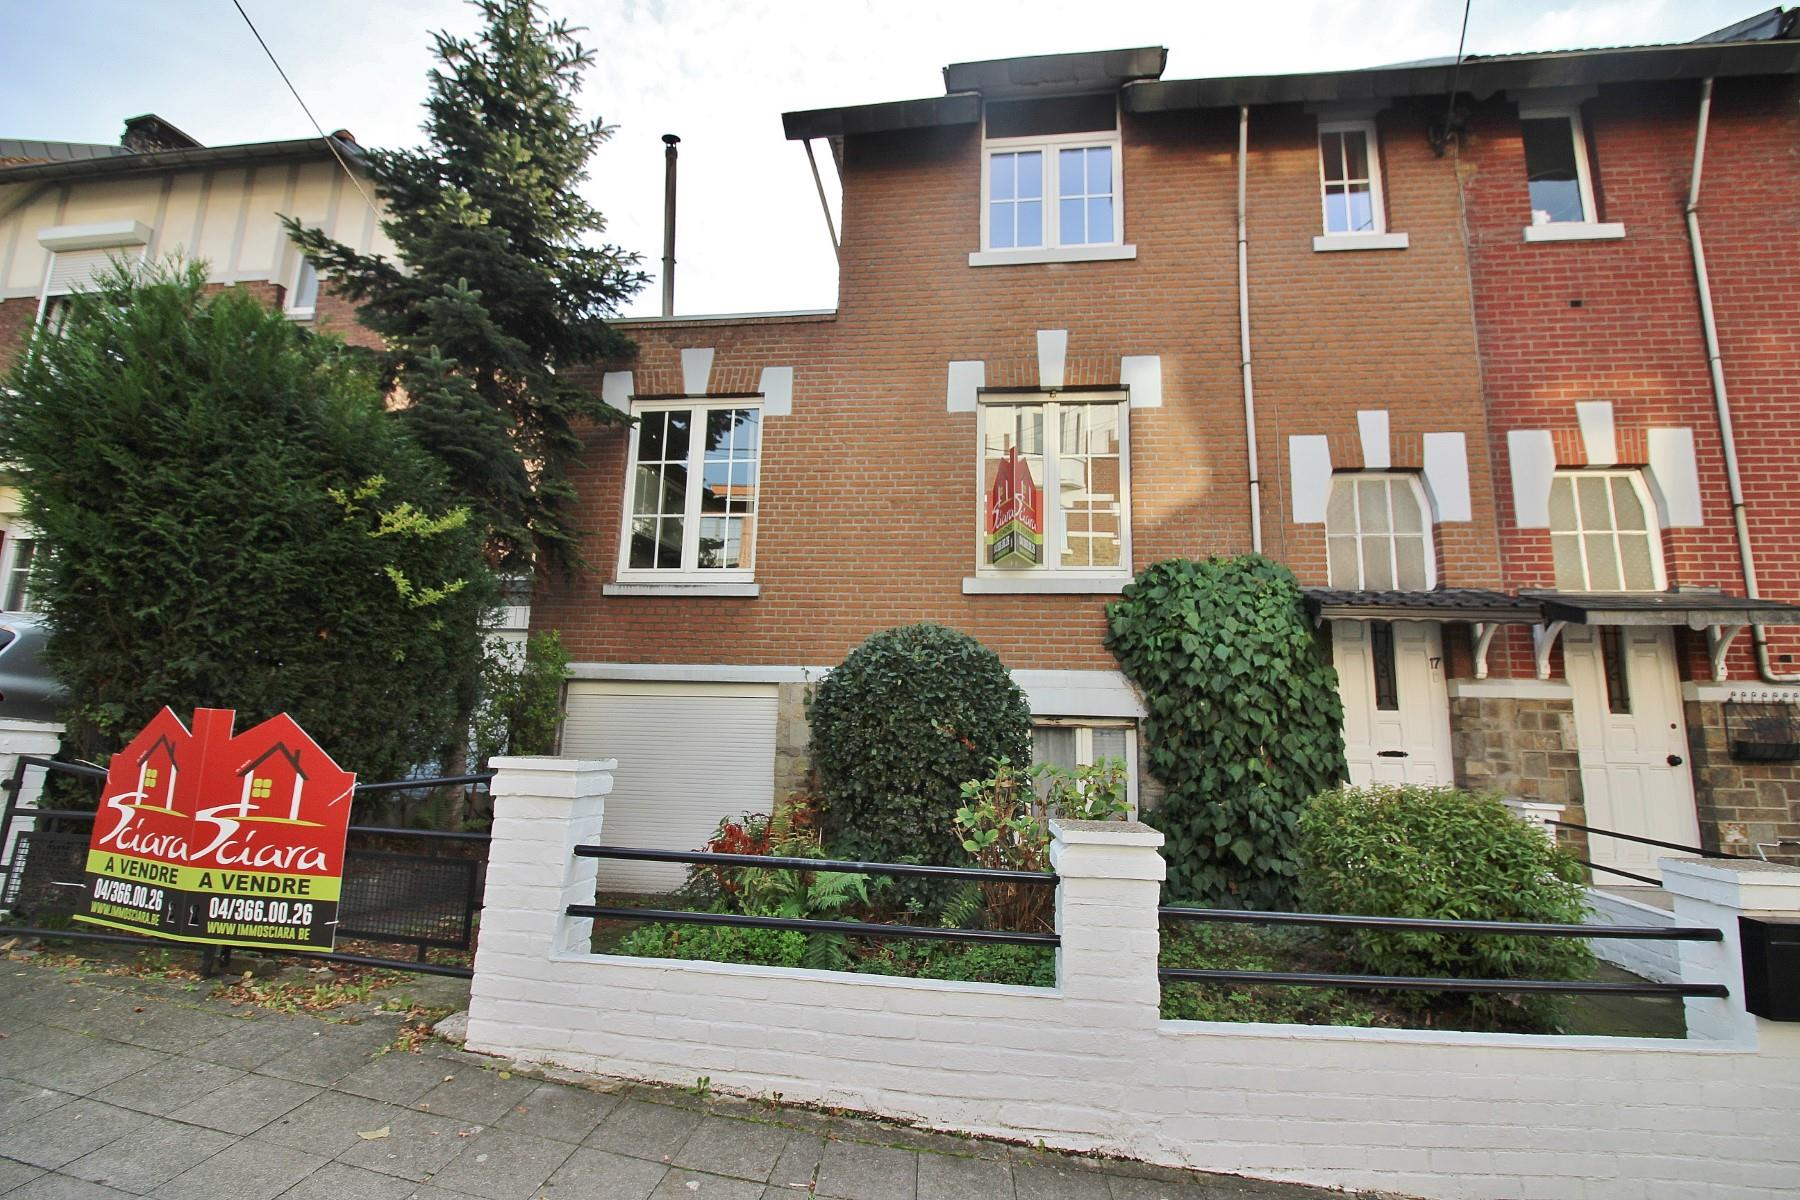 Maison - Liège Grivegnée - #3600242-21